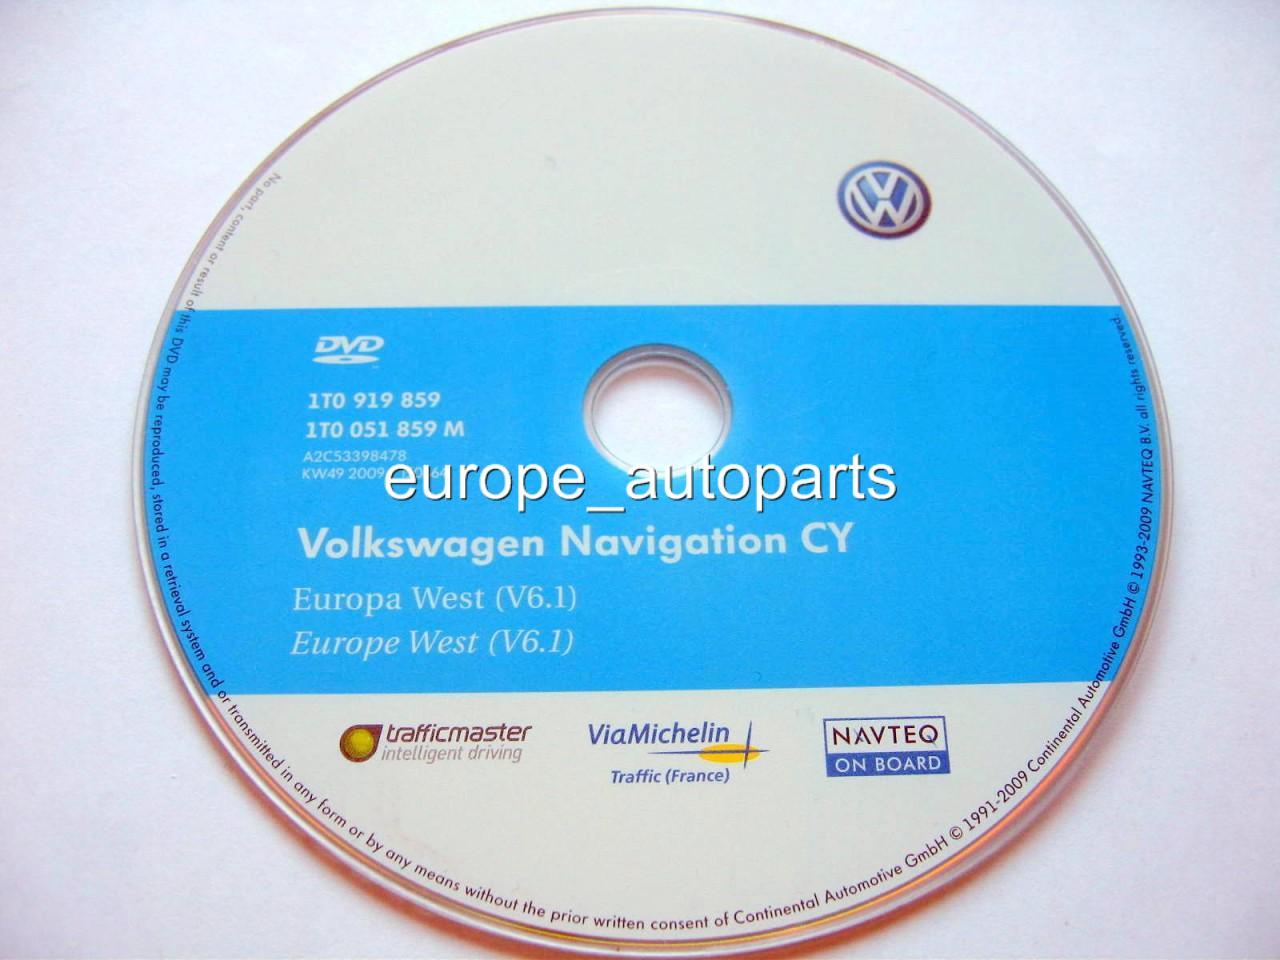 vw rns 510 810 navi dvd 2010 2011 v6 1 west europa. Black Bedroom Furniture Sets. Home Design Ideas